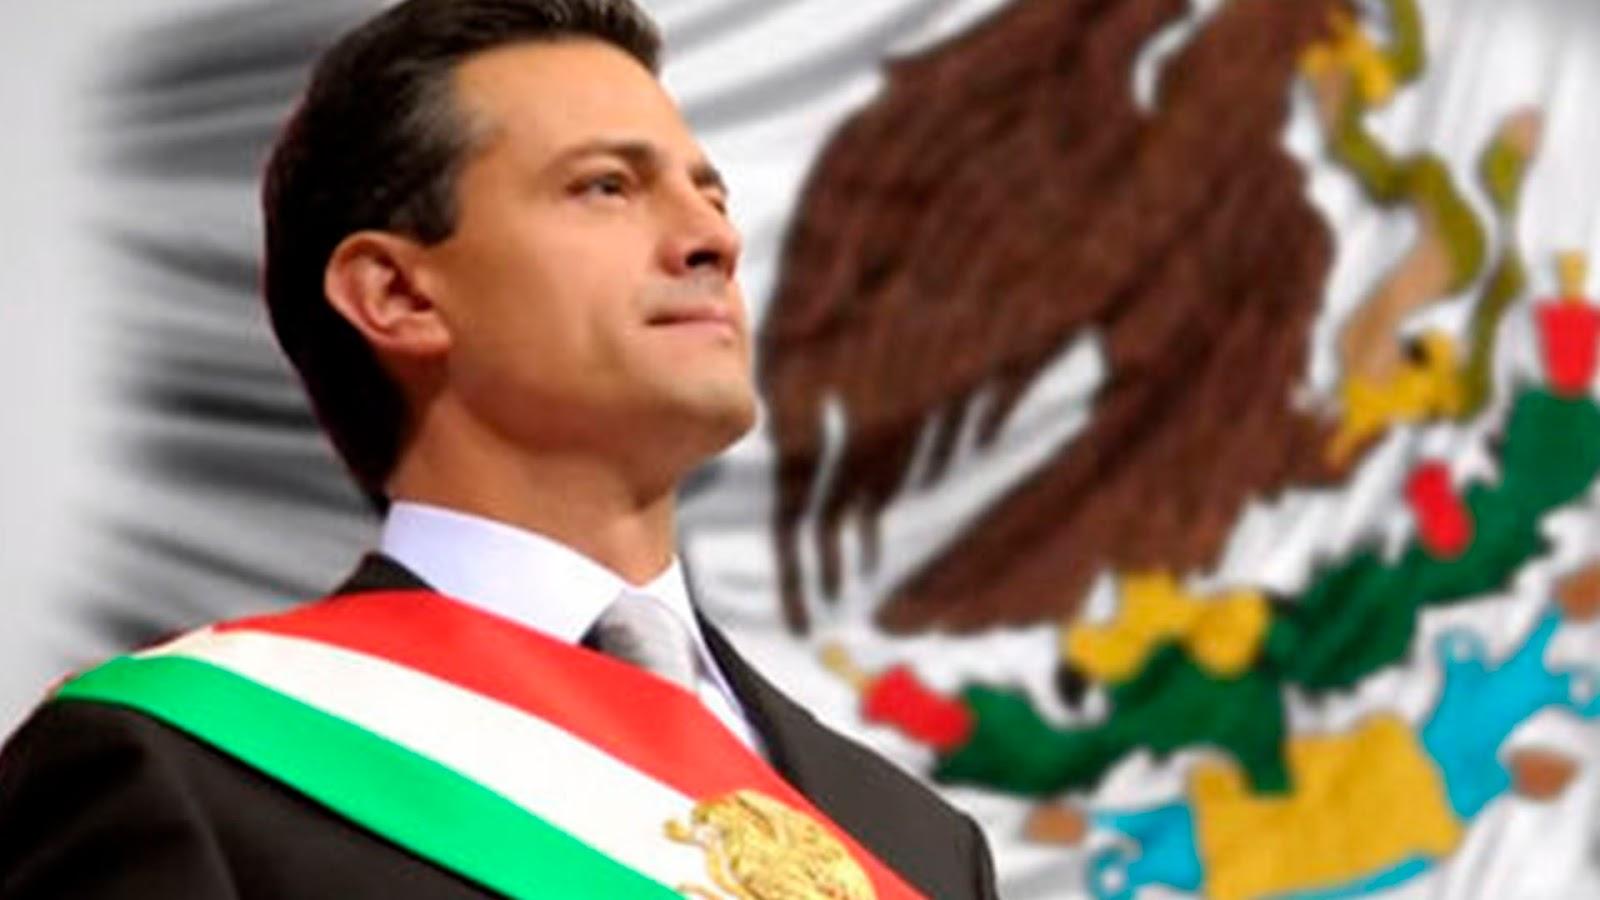 Gobierno de Peña Nieto insiste en entregar millones de pesos a empresas fantasma